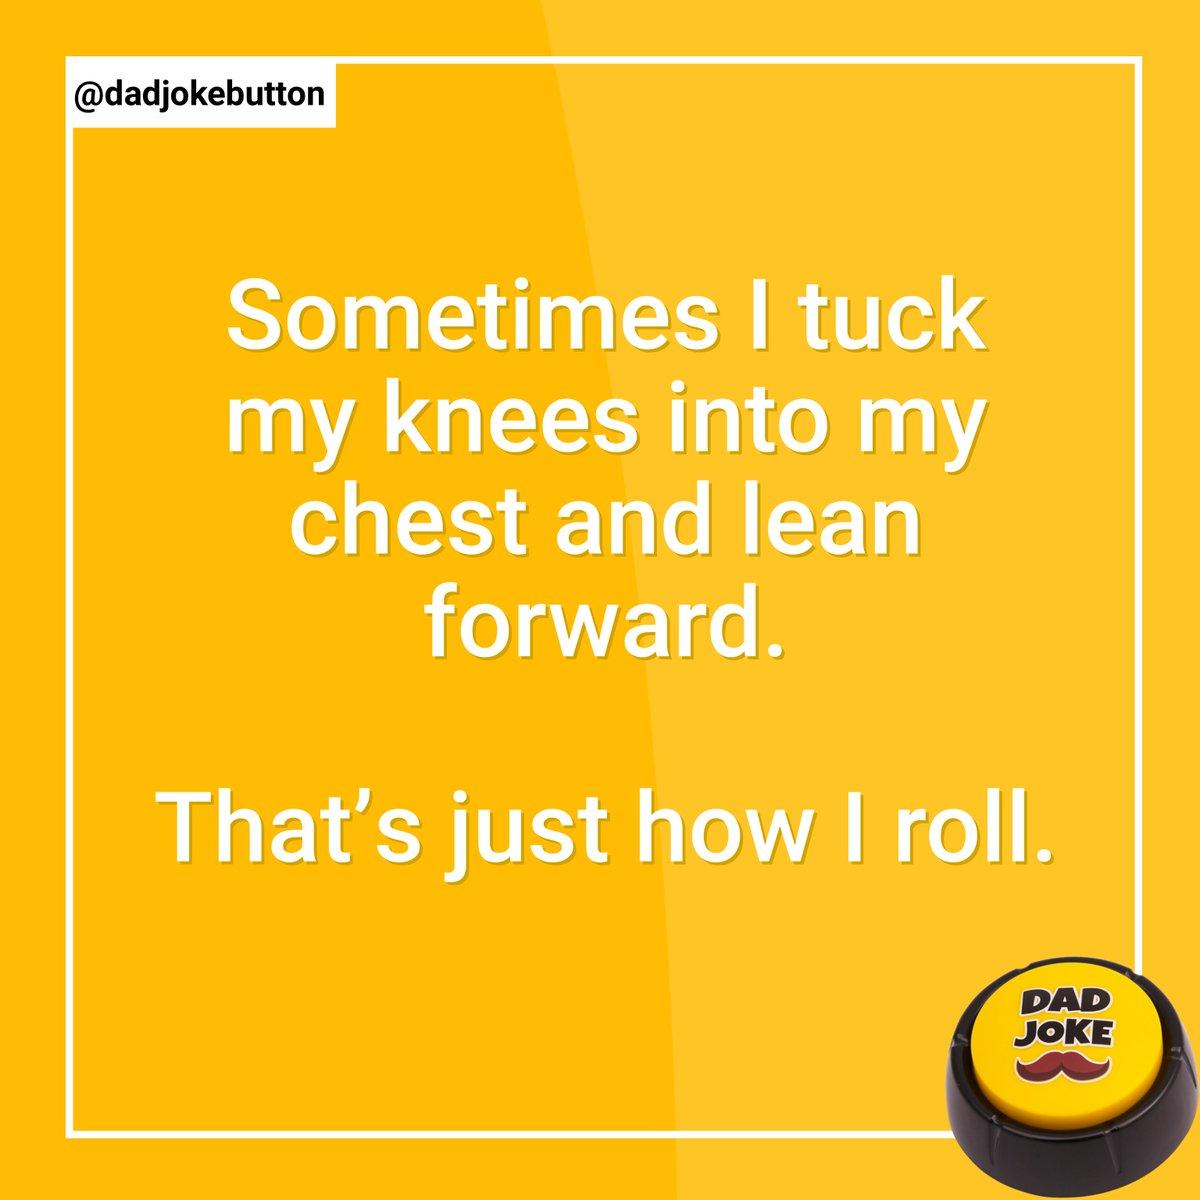 Follow @dadjokebutton  .  #dadjoke #dadjokes #jokes #joke #funny #comedy #puns #punsworld #punsfordays #jokesfordays #funnyjokes #jokesdaily #dailyjokes #humour #relatablejokes #laugh #joking #funnymemes #punny #pun #humor #talkingbuttonpic.twitter.com/jbi6v6vPSy